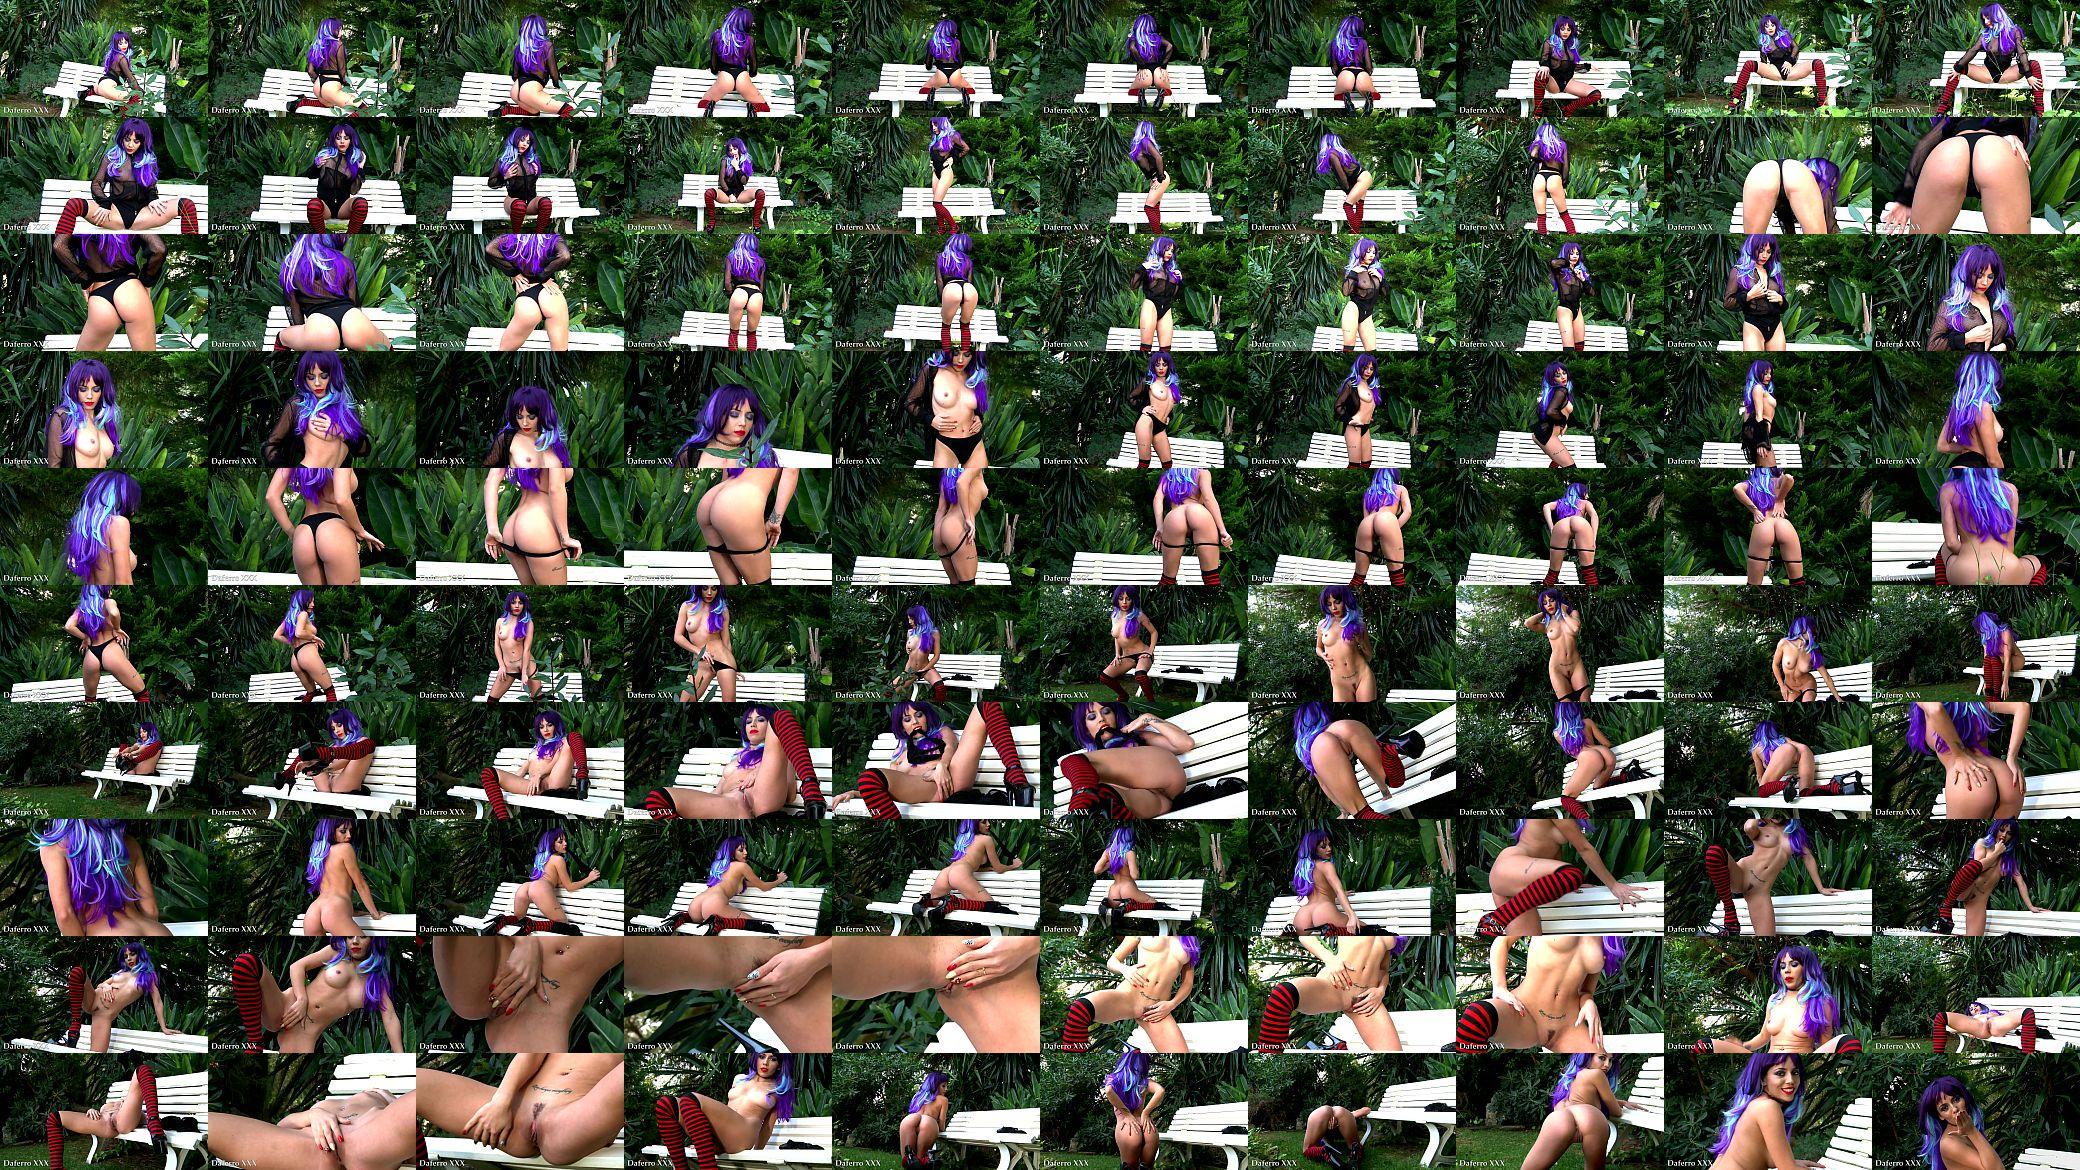 Nadia Da Ferro Porno Online Alluc lovely young yasmin daferro getting naked in the jungle